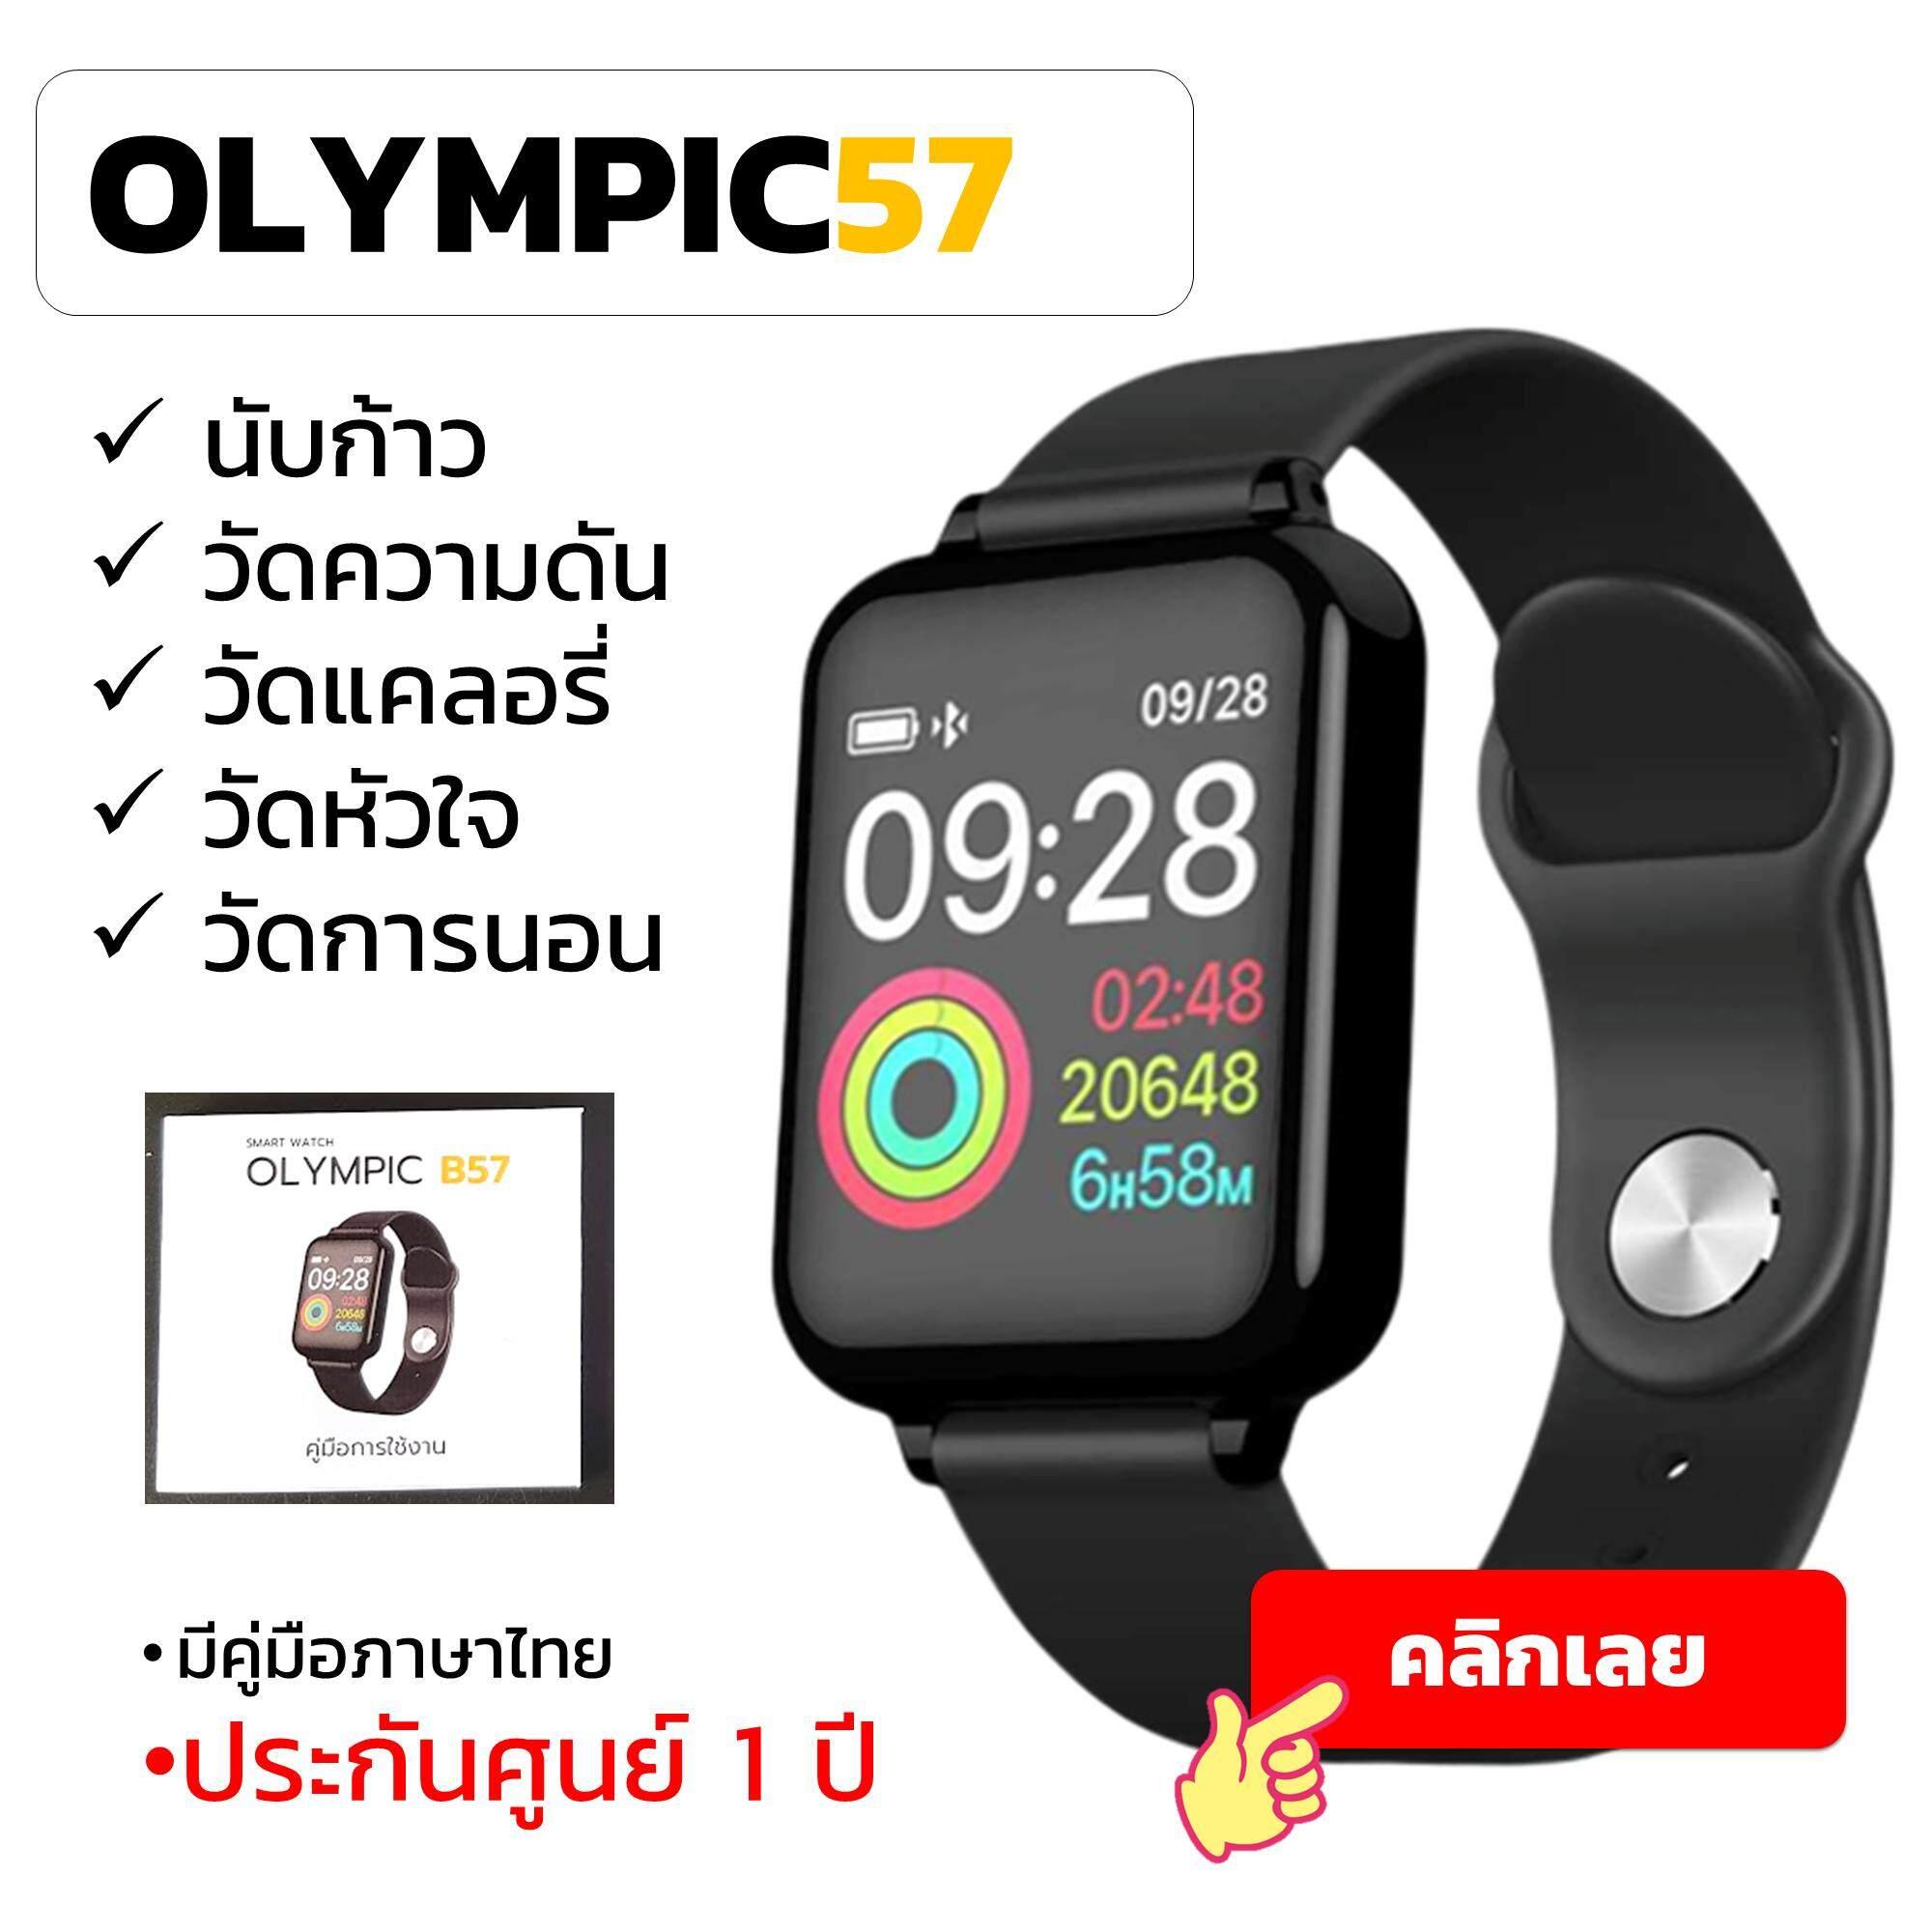 นาฬิกาวิ่ง นาฬิกาออกกำลัง นาฬิกาวัดหัวใจ Olympic 57 Smart Watch  วัดชีพจร นับก้าว วัดระยะเวลาวิ่ง วัดระยะทางวิ่ง แจ้งเตือนภาษาไทย แอพภาษาไทย จอสวย สีสันสดใส.